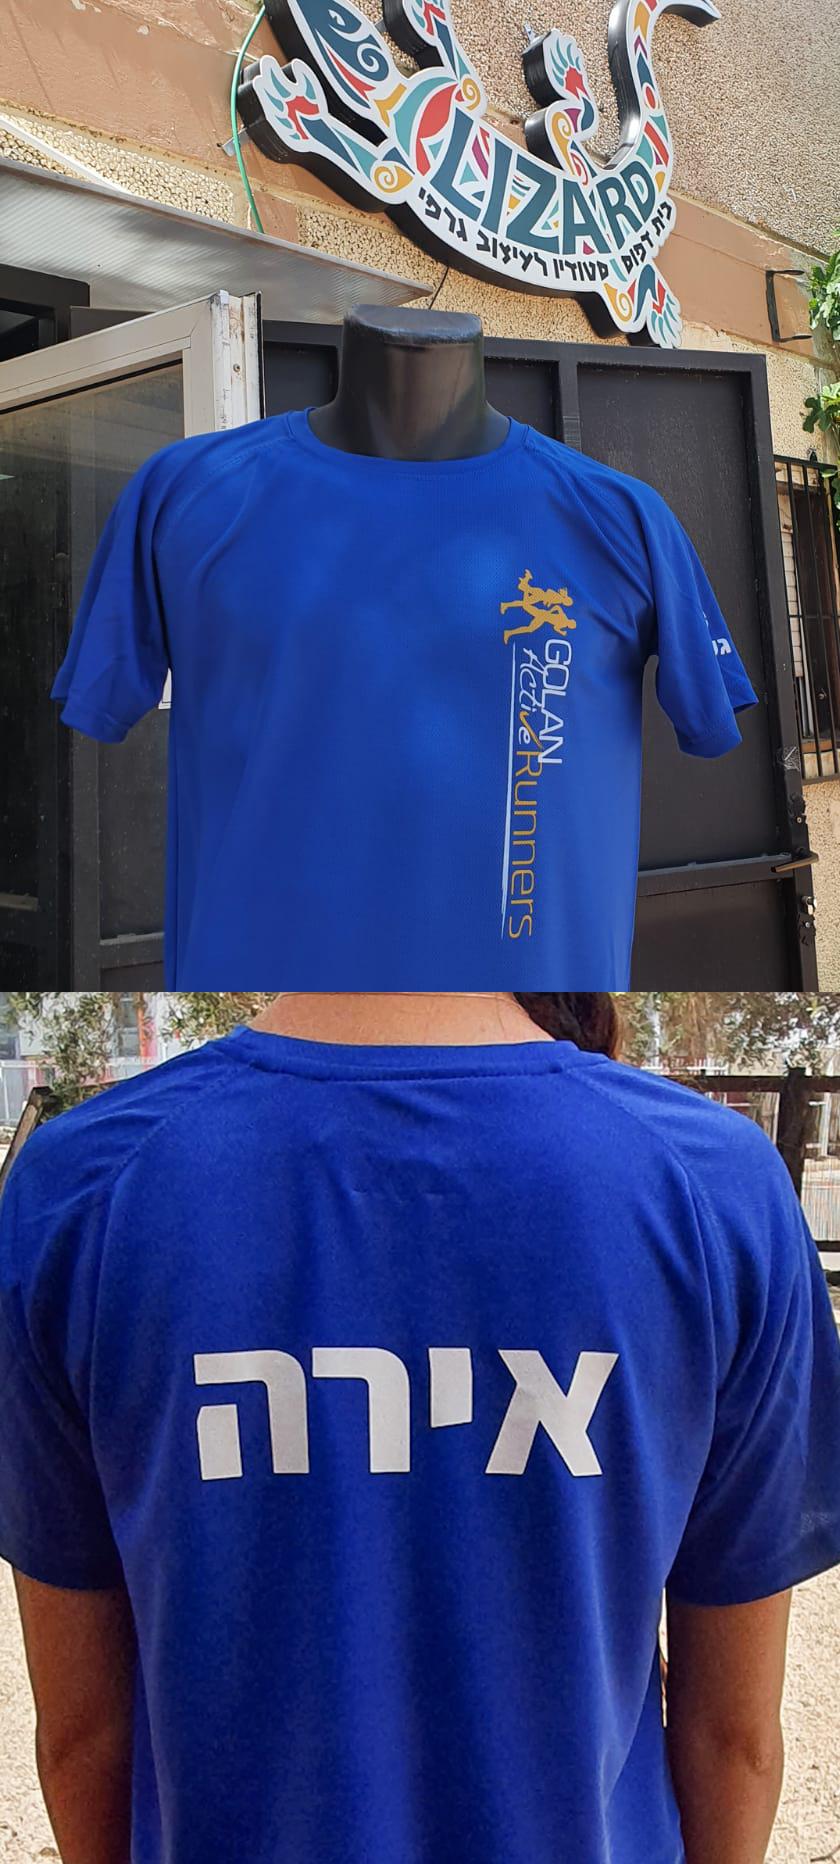 הדפסת כיס + גב על חולצות כותנה בצבע כחול רויאל